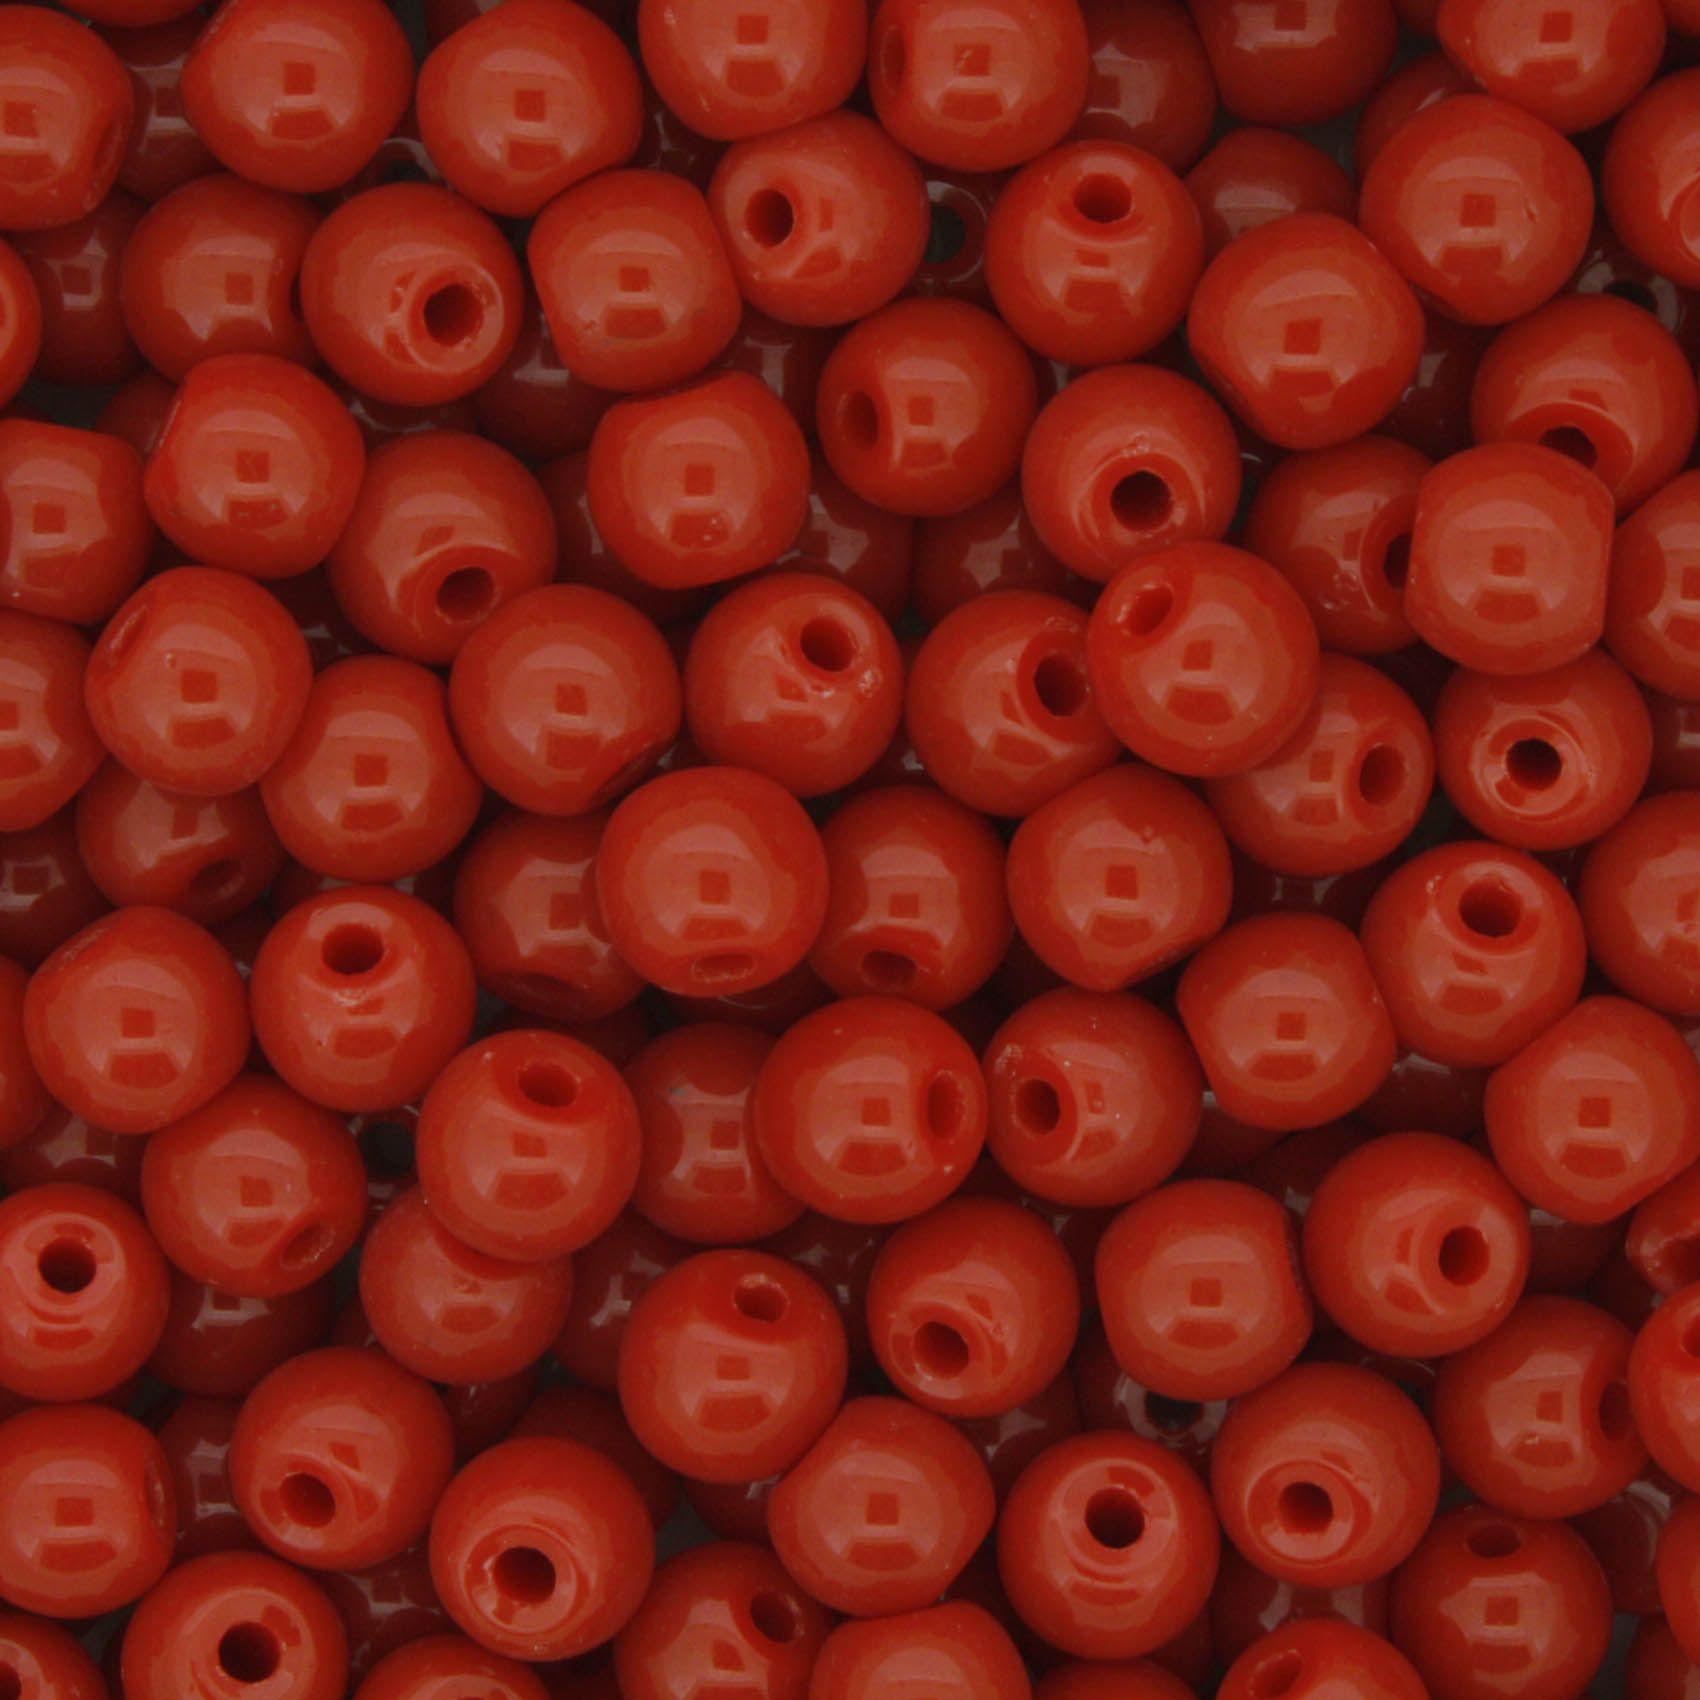 Contas de Porcellana® - Vermelha - 6mm  - Universo Religioso® - Artigos de Umbanda e Candomblé